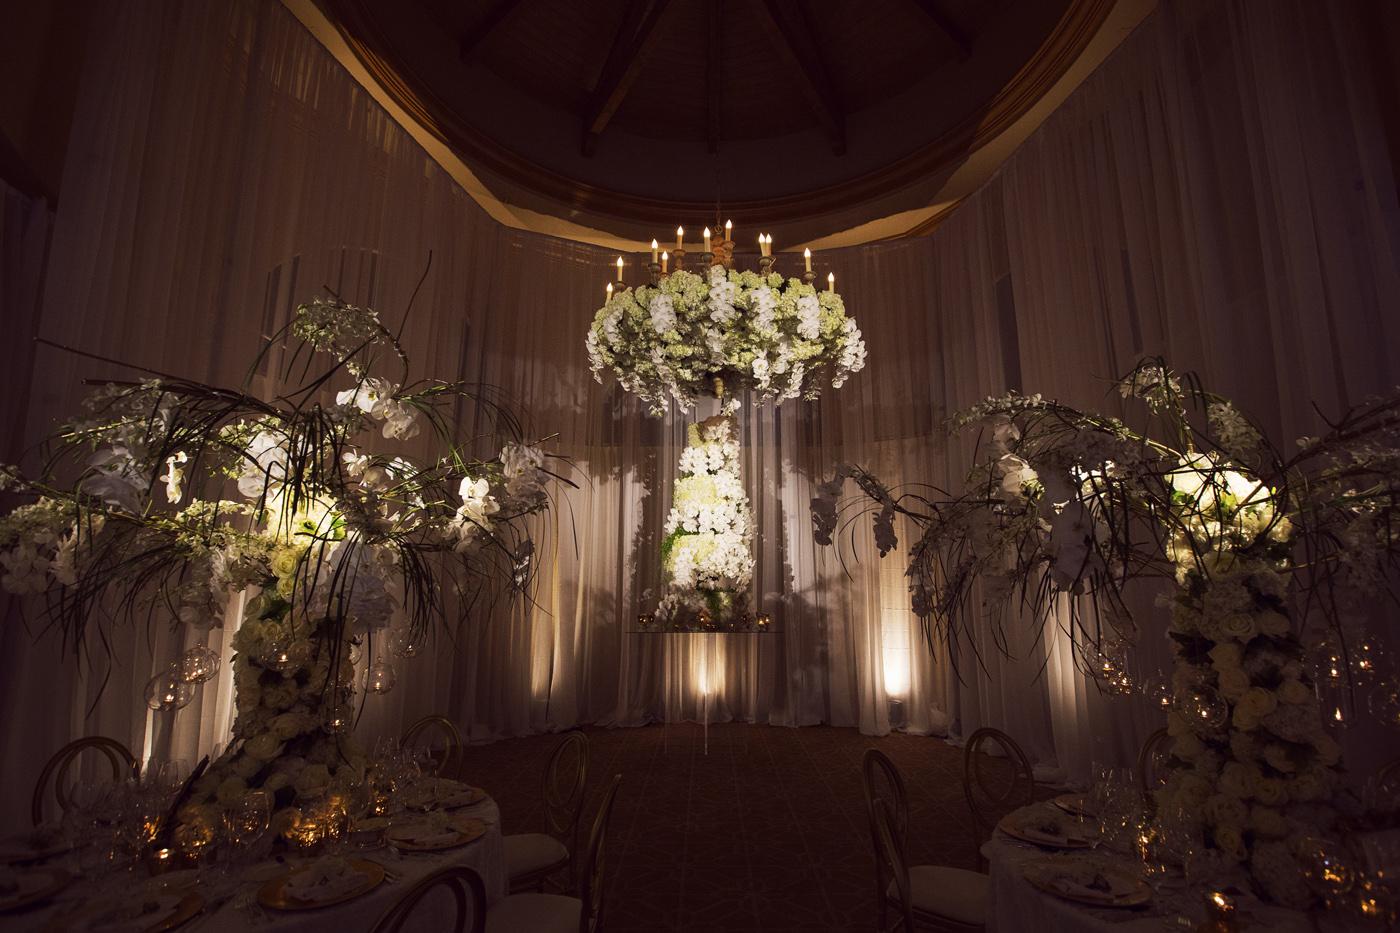 069_DukePhotography_DukeImages_Wedding_Details.jpg